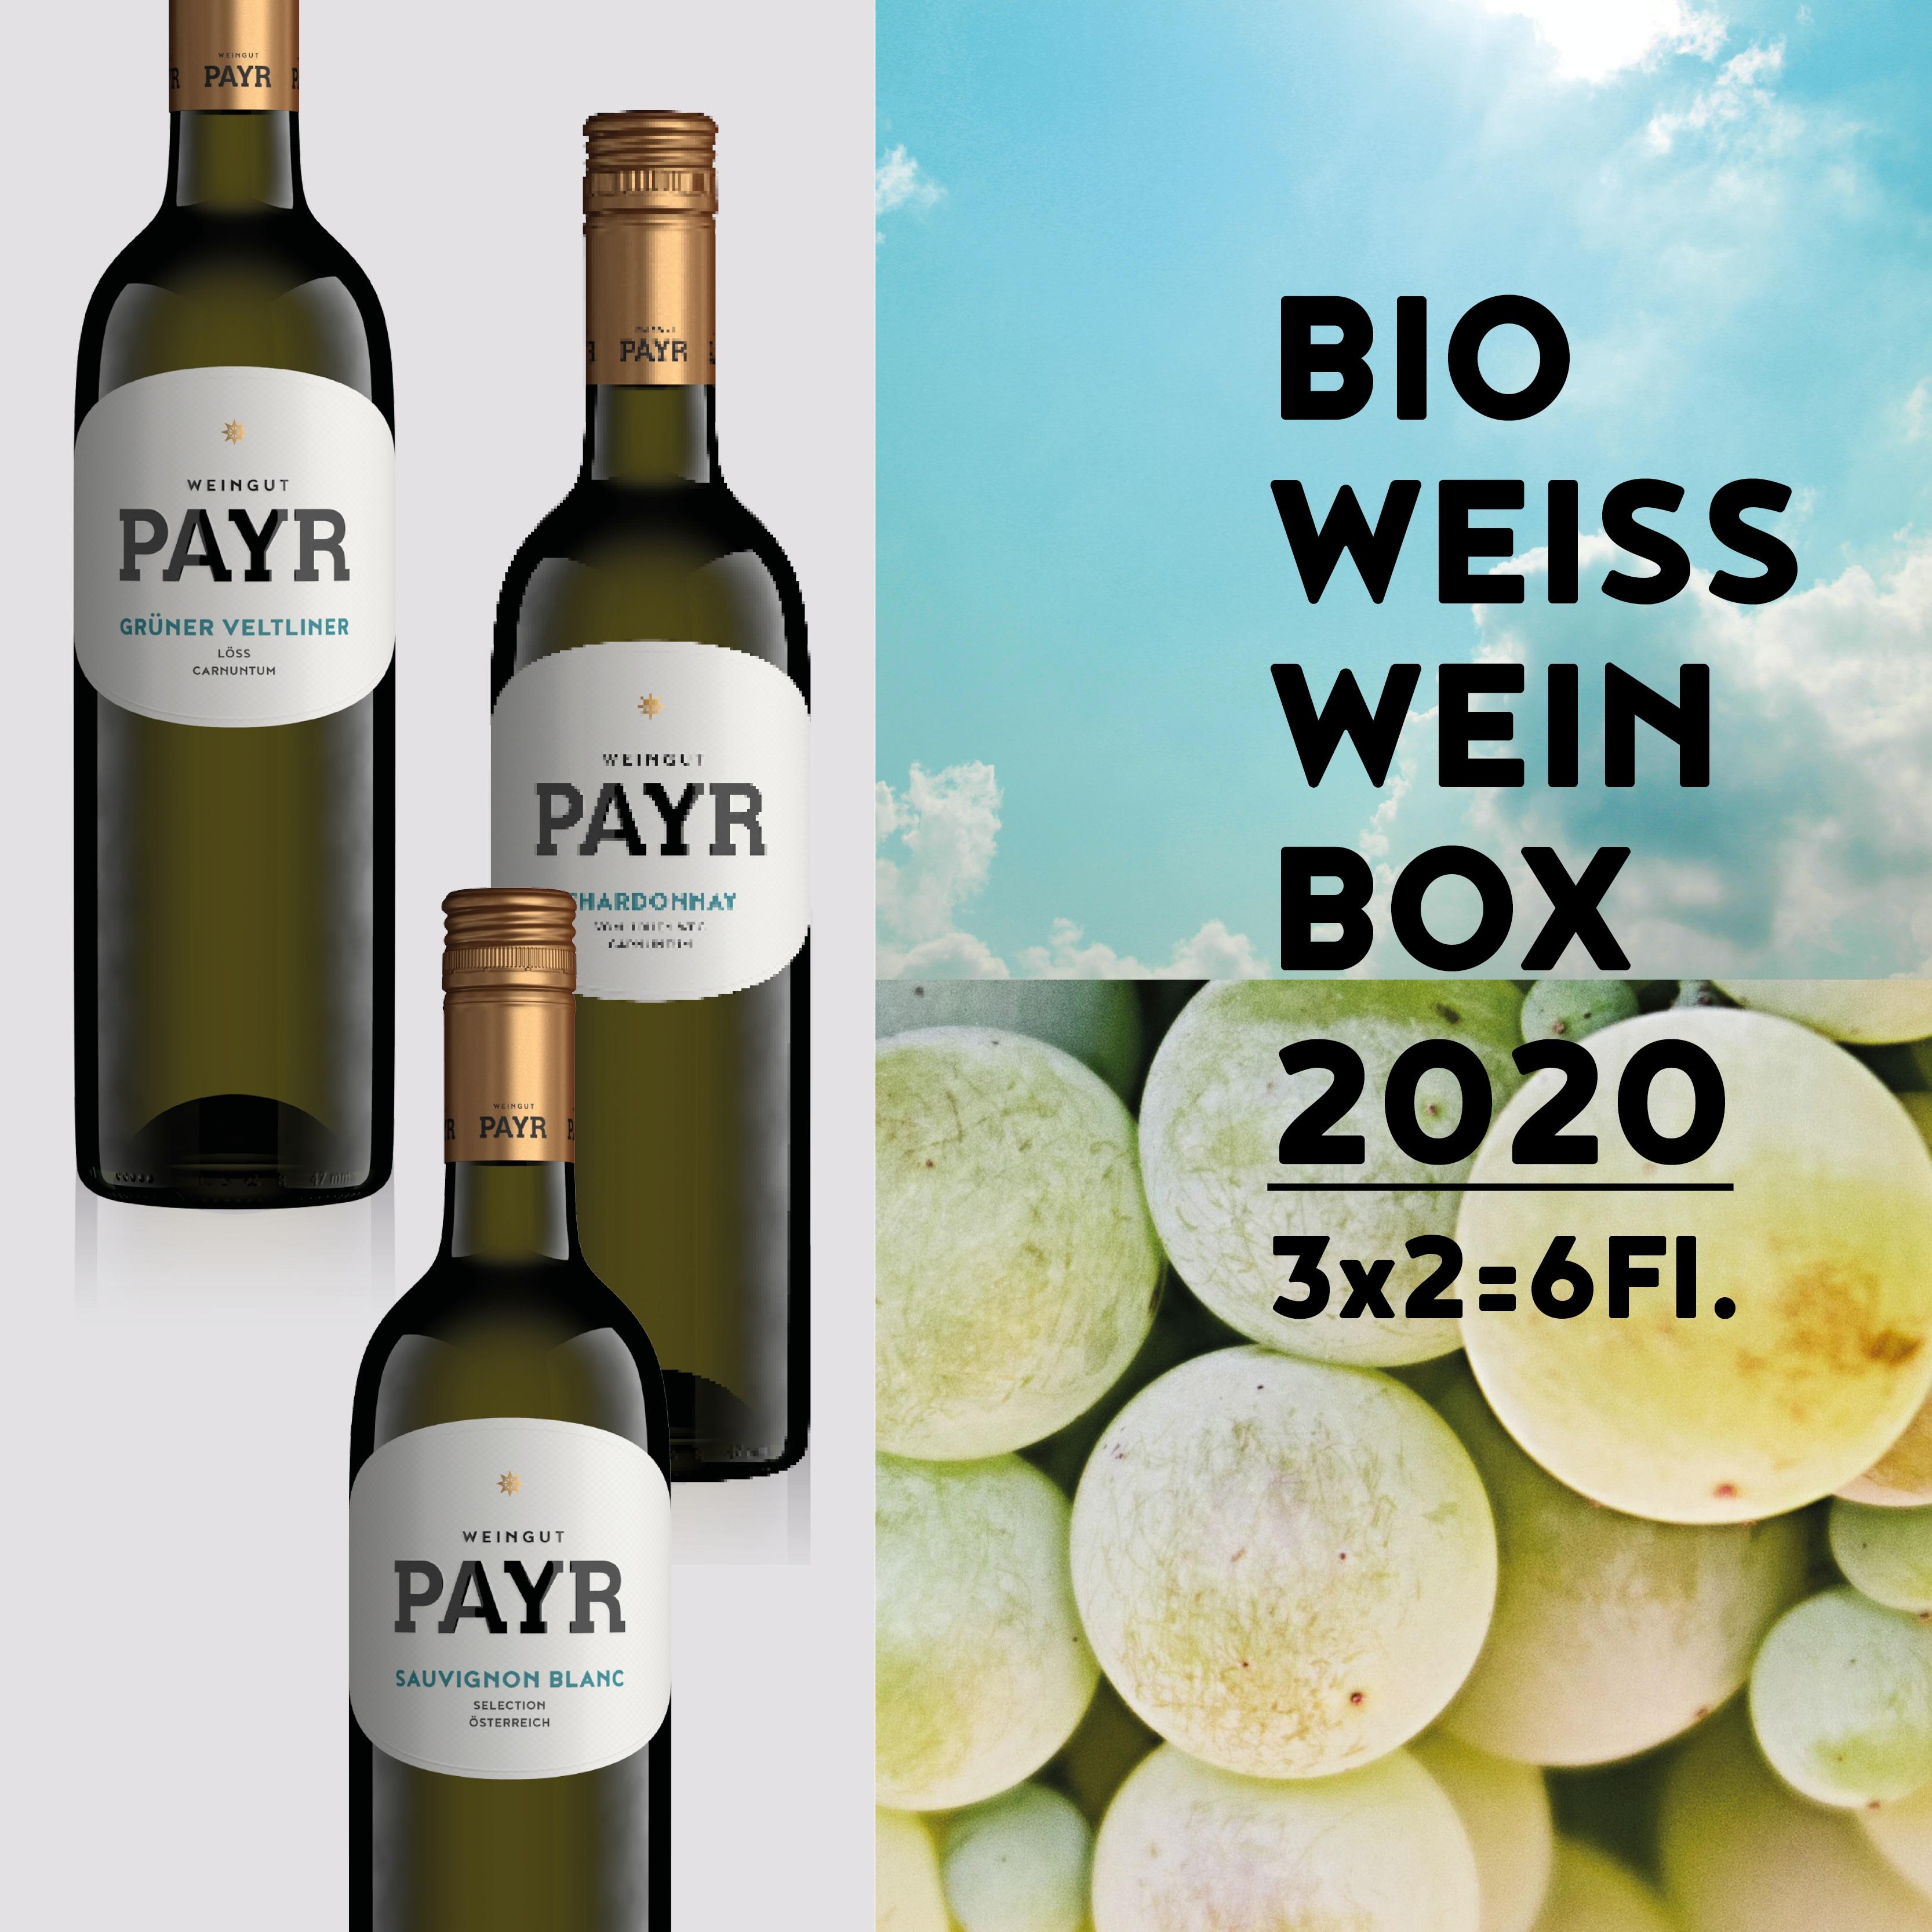 Bioweißweinbox2020